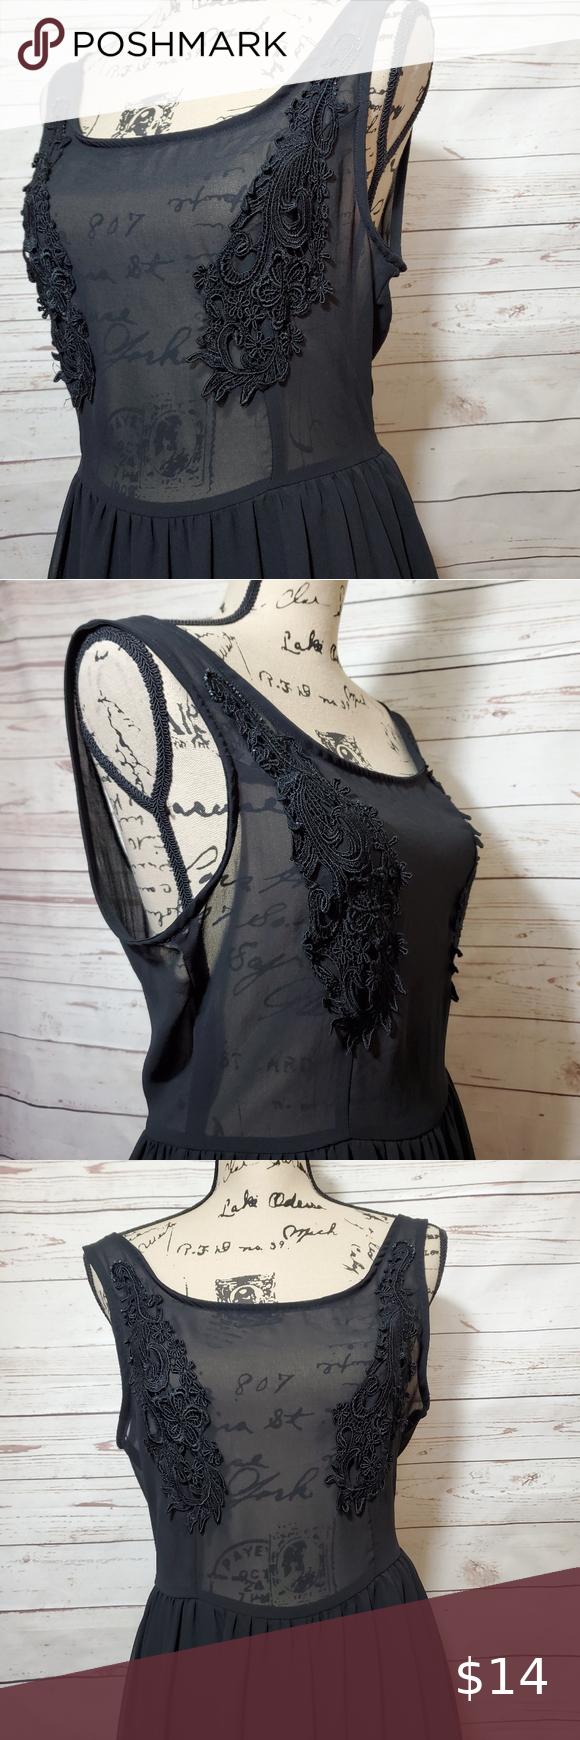 Tobi Sheer Top Black Dress Size Large Sheer Top Black Dress Large Size Dresses Black Dress [ 1740 x 580 Pixel ]